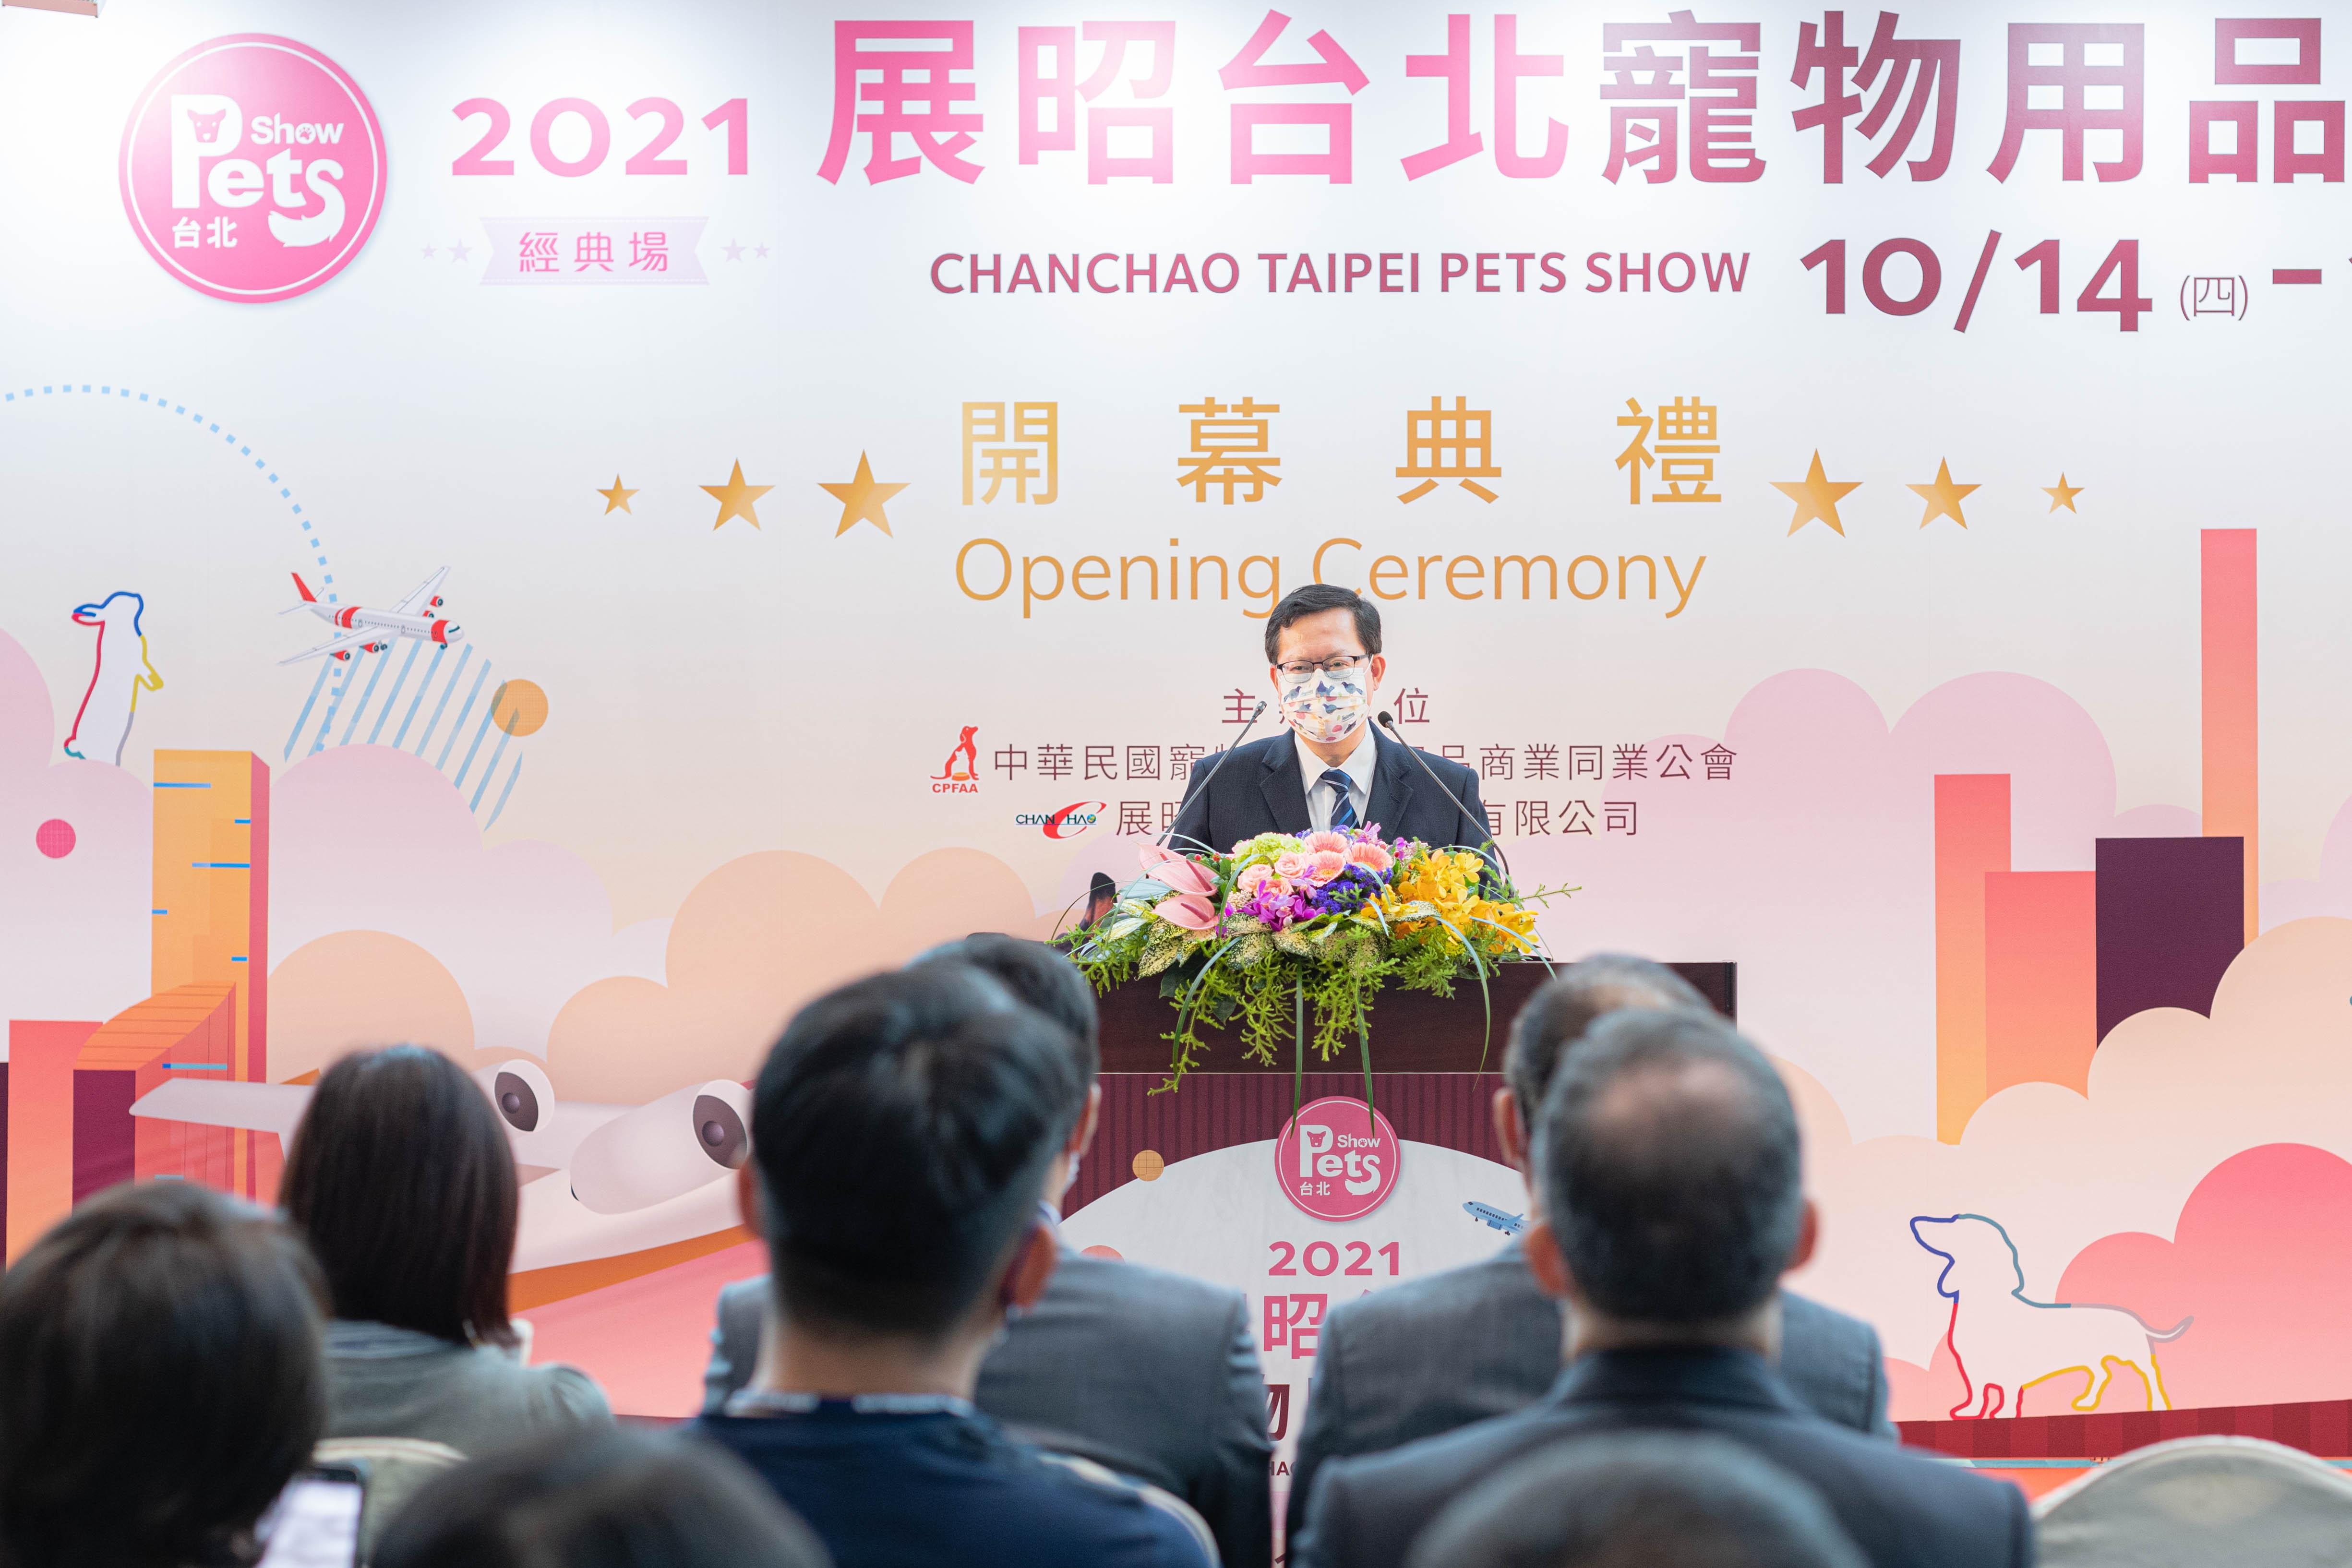 鄭市長出席「2021展昭台北寵物用品展」支持療癒產業,持續打造友善動物的幸福社會